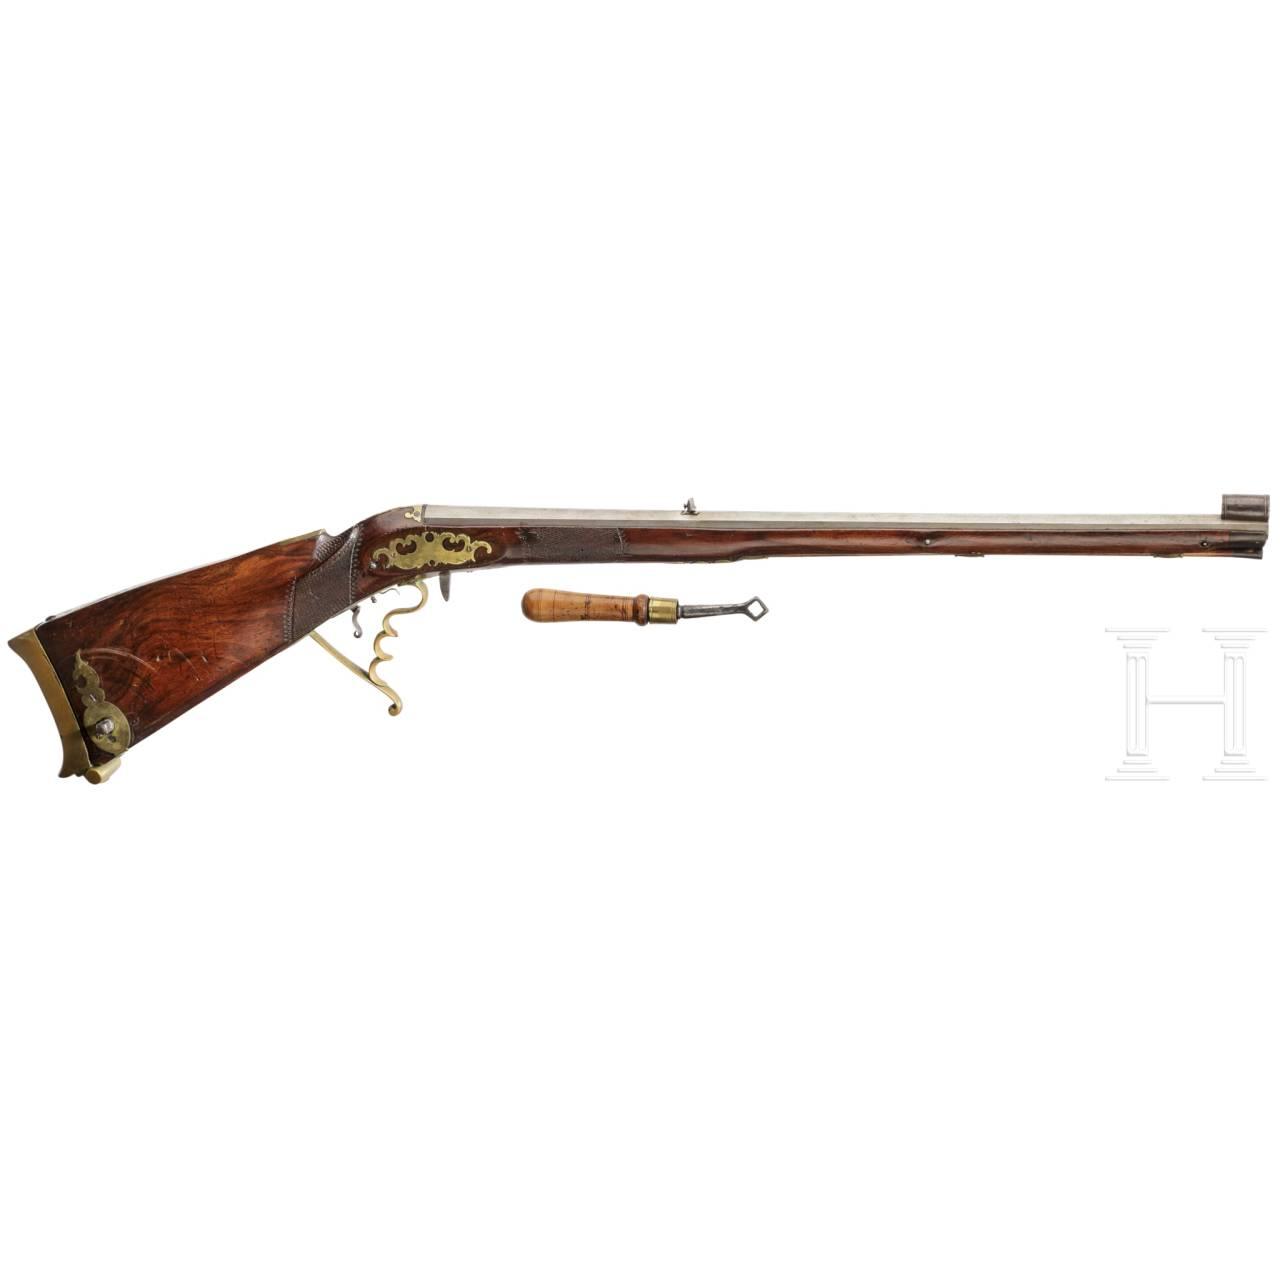 A German air rifle, circa 1830